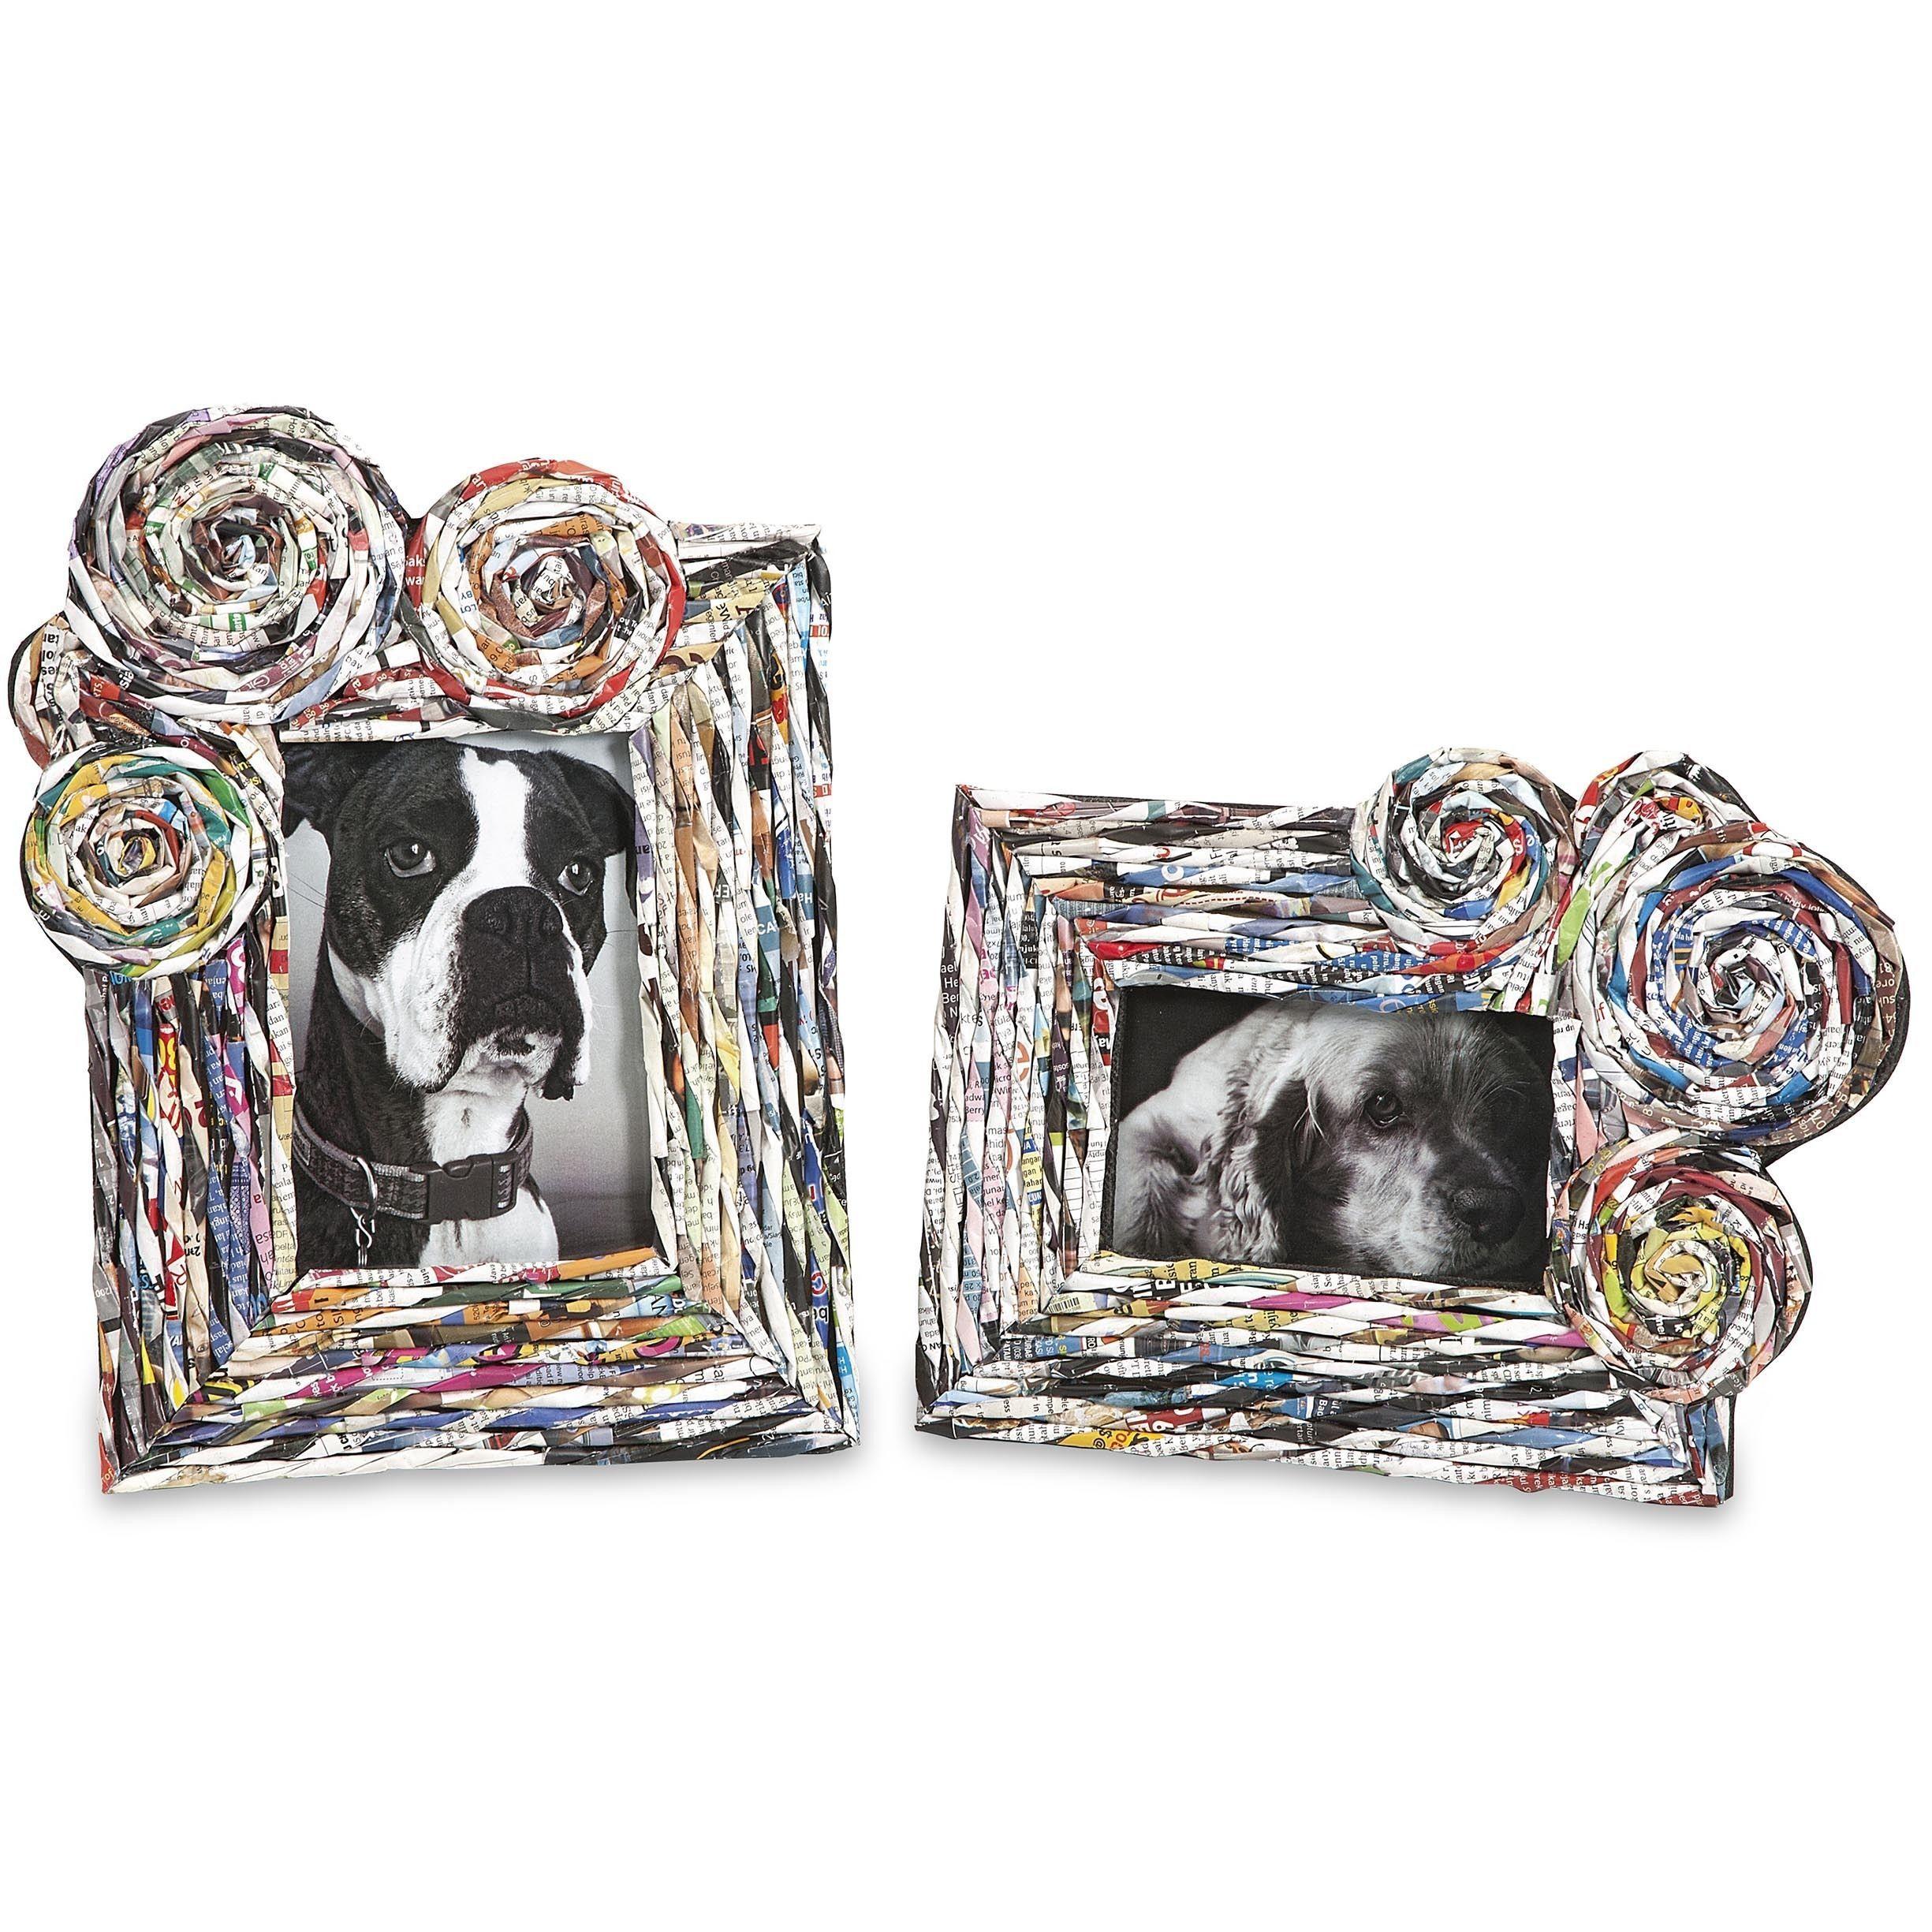 Imax anise recycled magazine photo frames set of 2 frames imax anise recycled magazine photo frames jeuxipadfo Image collections